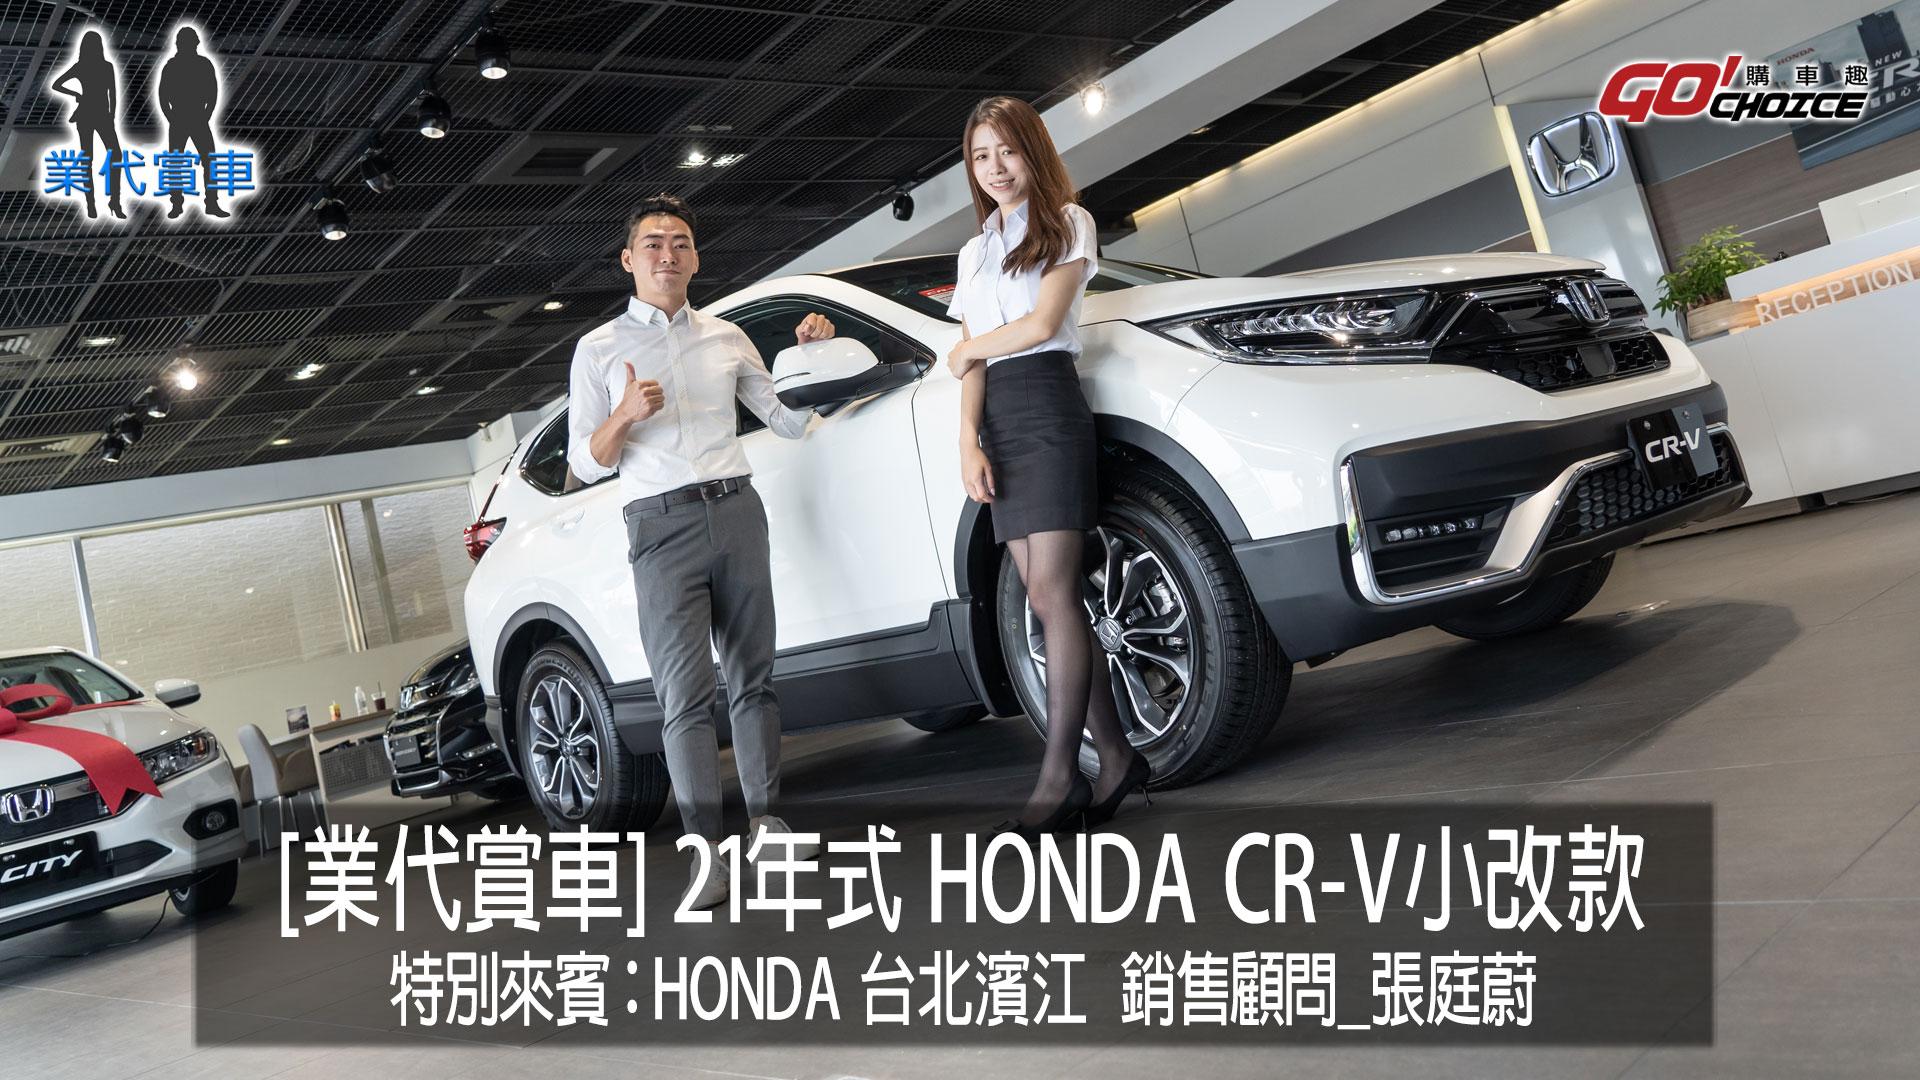 業代賞車-2021年式 Honda CR-V小改款魅力不減反增,在店頭上市第一週即造成熱烈迴響!銷售顧問Honda台北濱江_張庭蔚